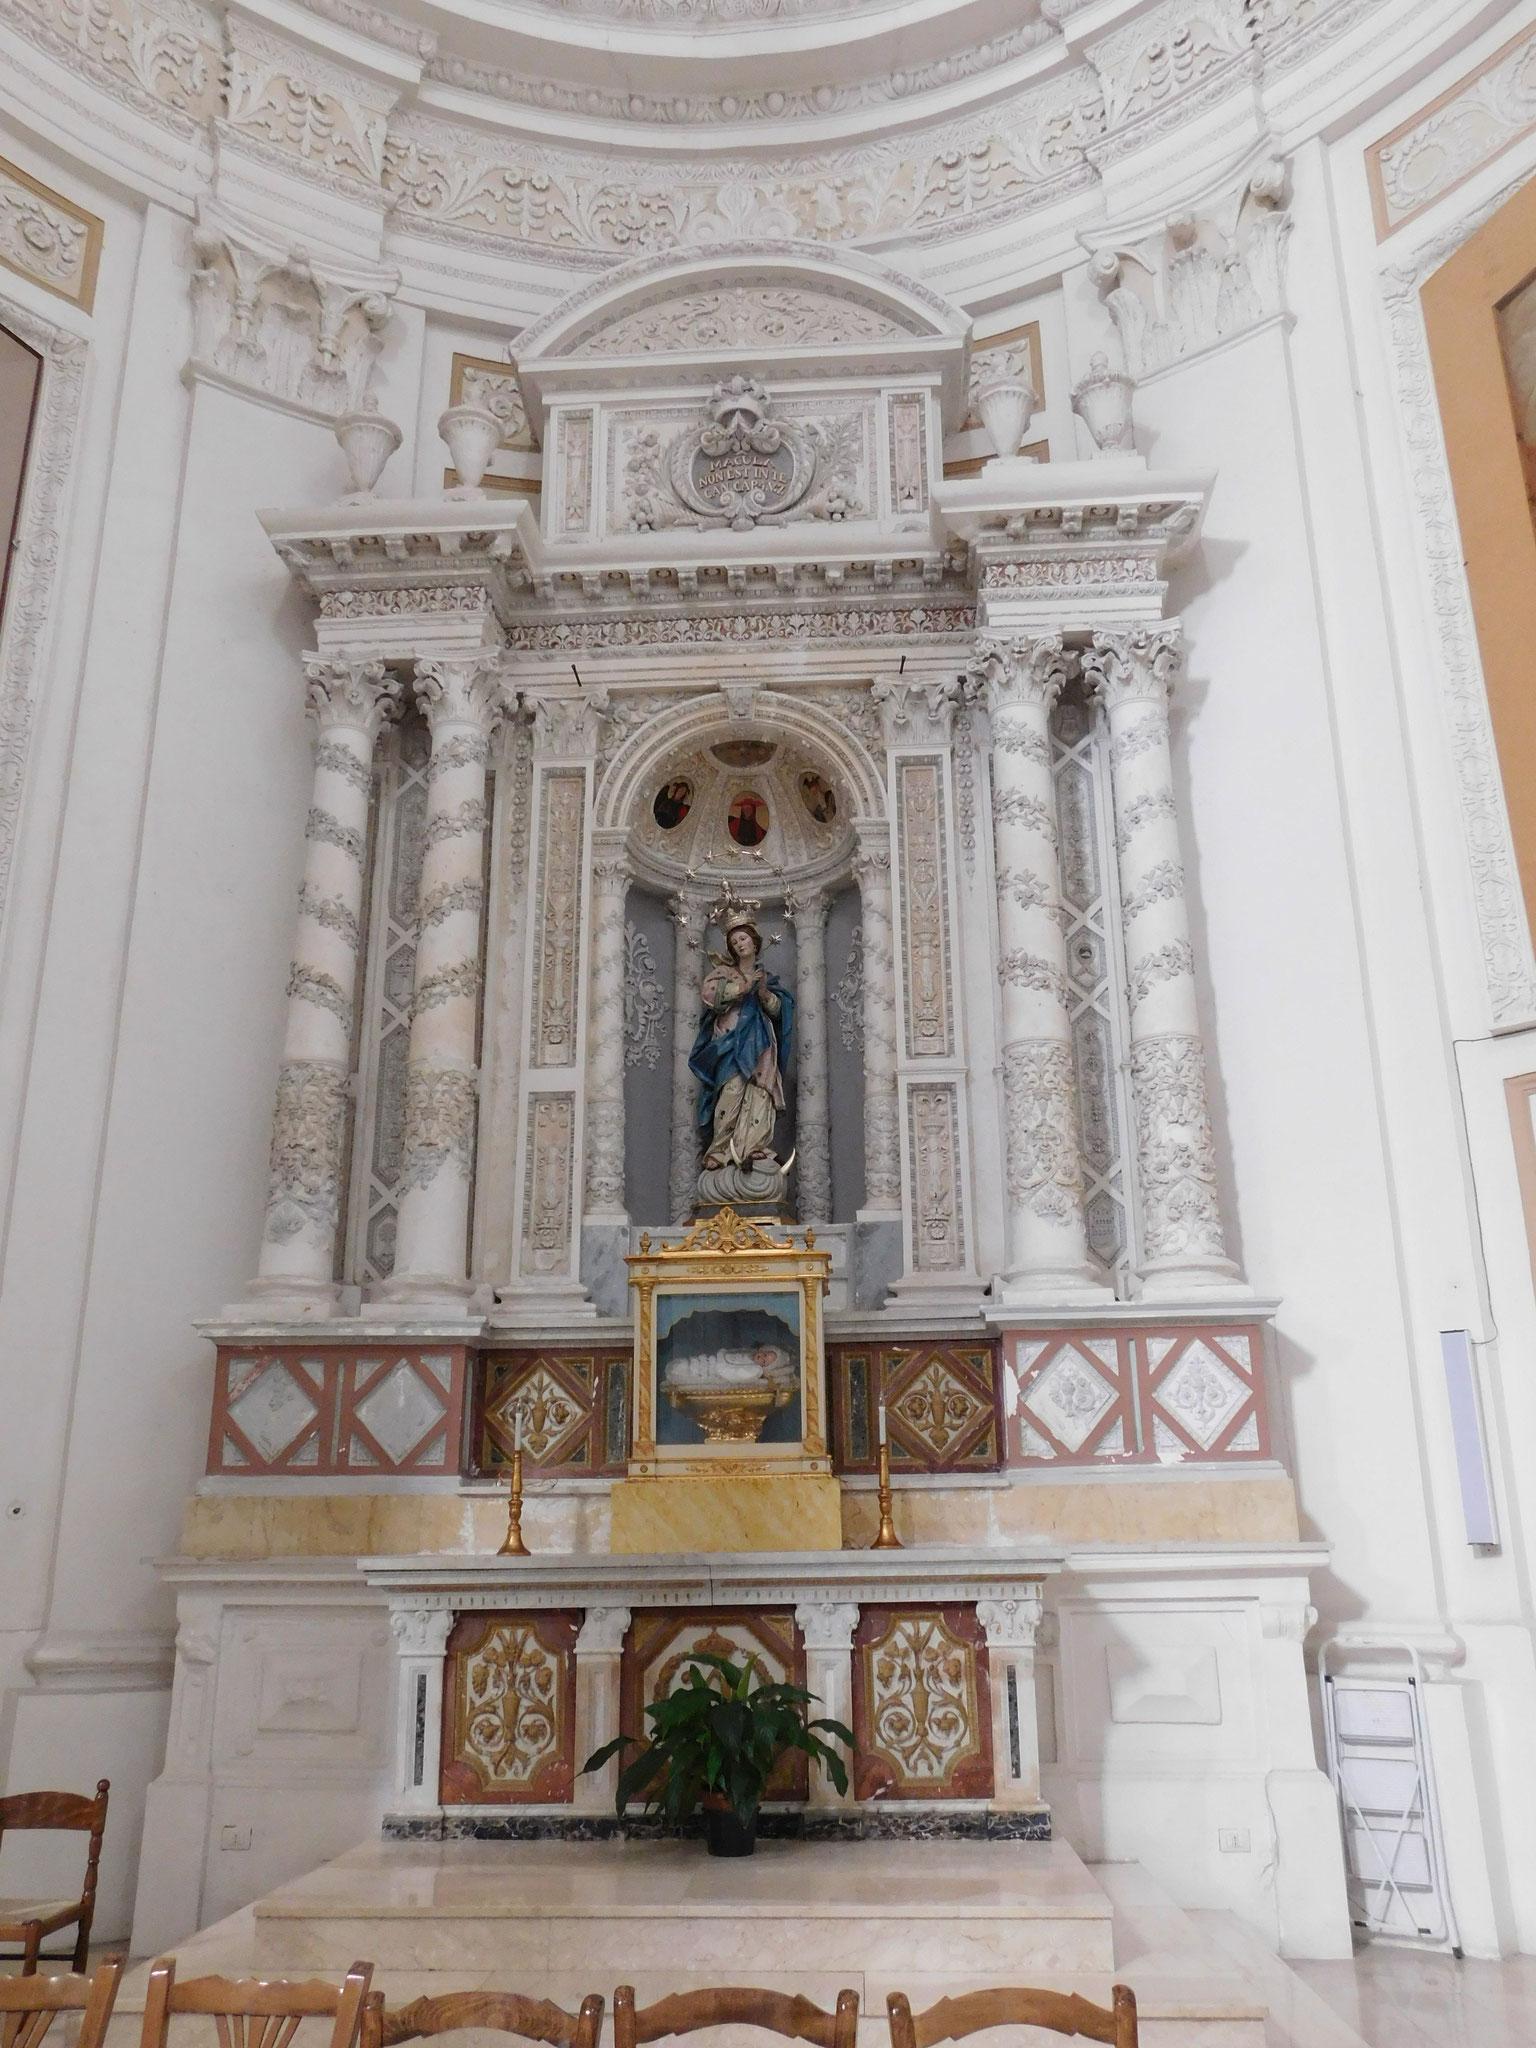 Altare dell' Immacolata Concezione.